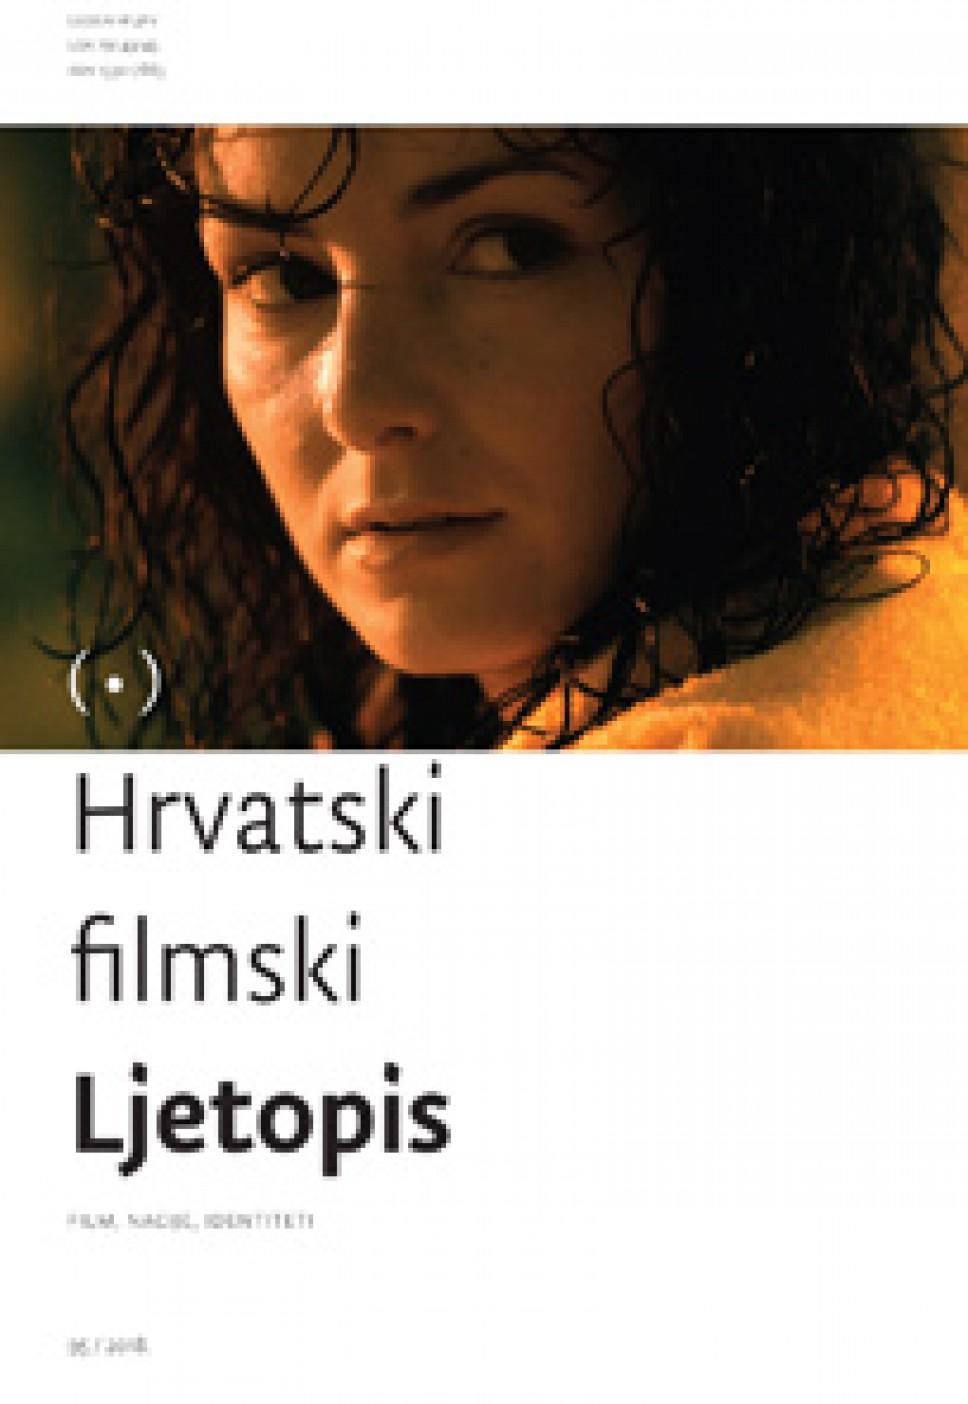 Istraživački rad prof. Marije Perović objavljen u najuglednijem regionalnom filmološkom časopisu